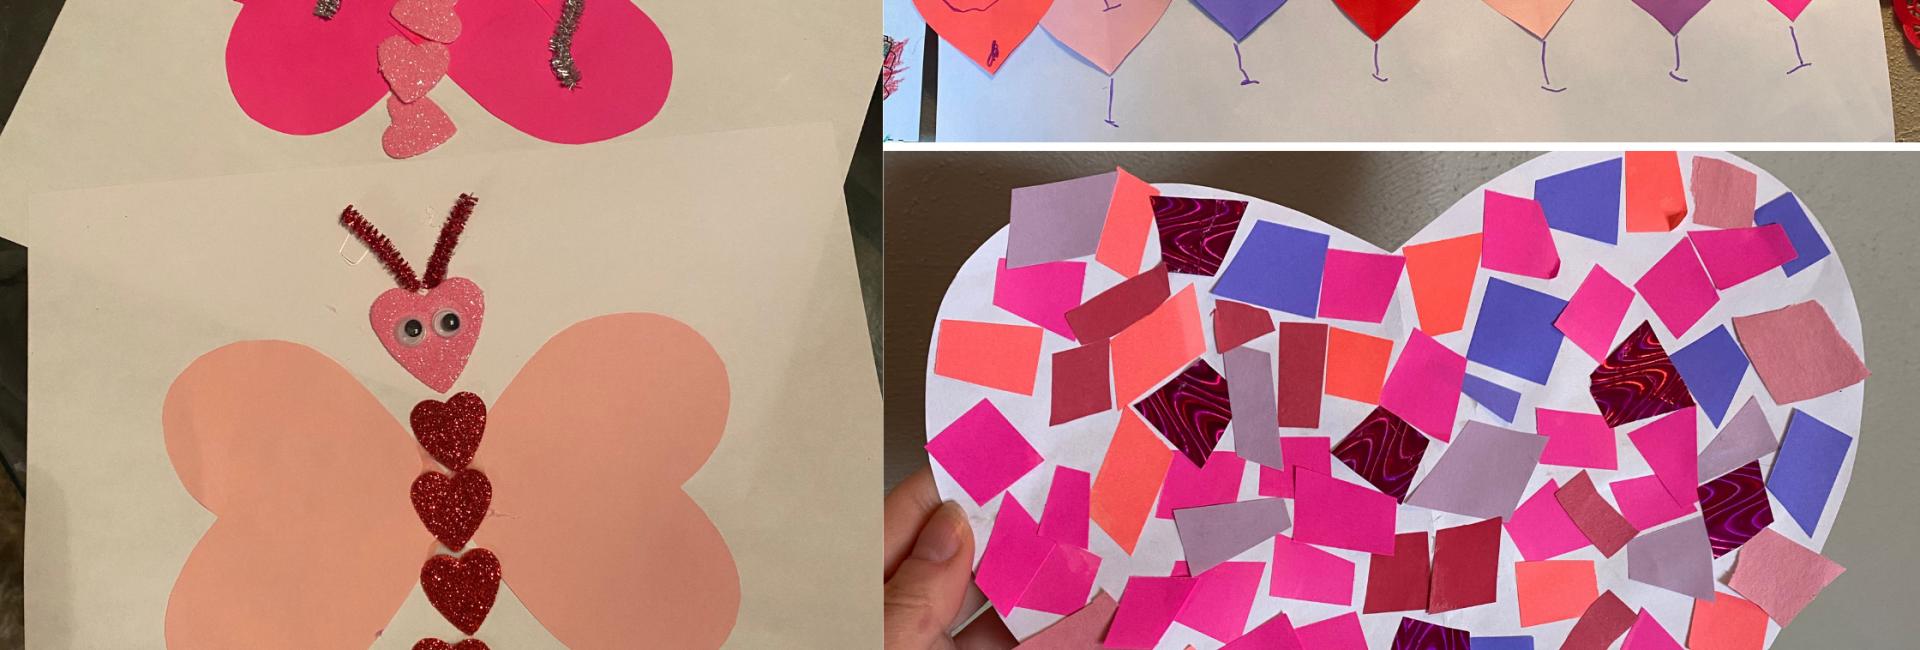 Heart Craft Ideas